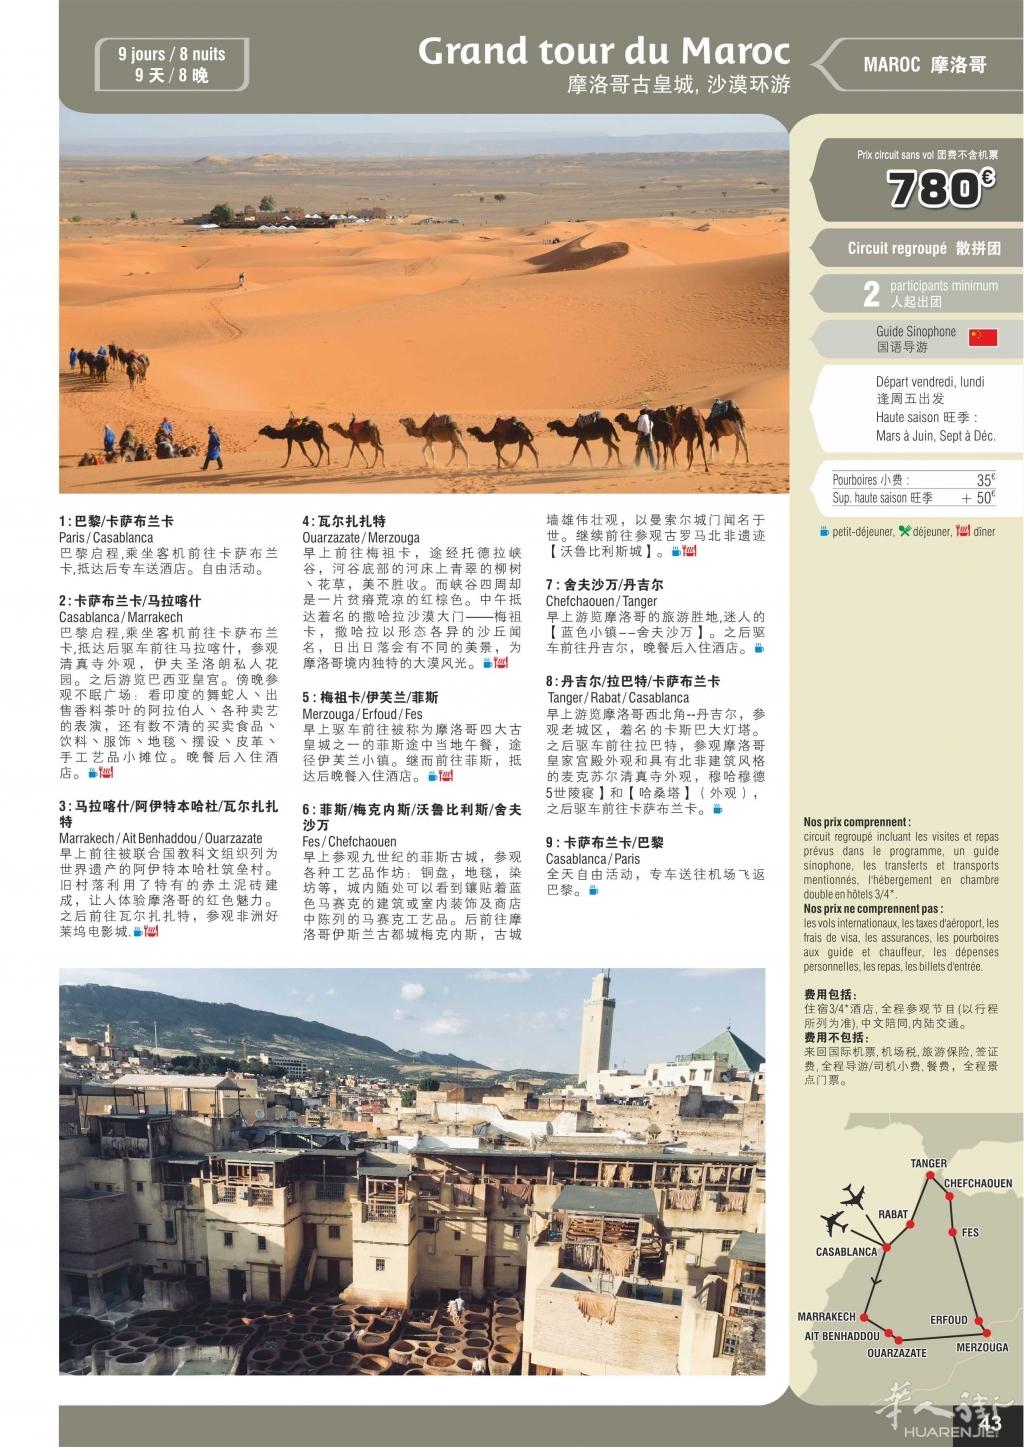 p43-Grand tour du Maroc-9j-v06.jpg